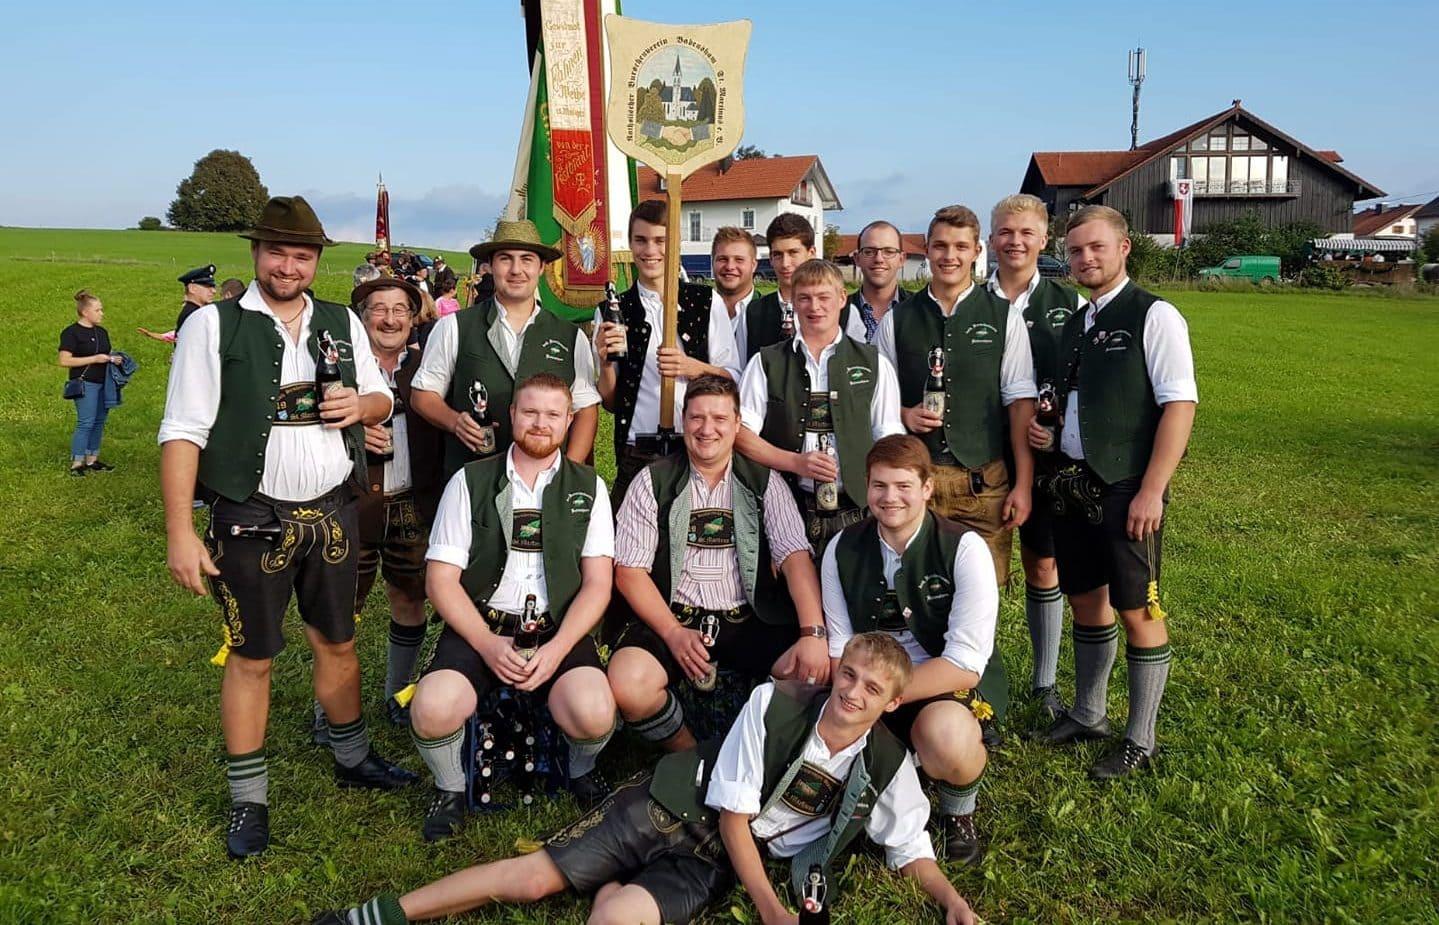 Unser Verein beim Festeinzug vom Haager Herbstfest 2018